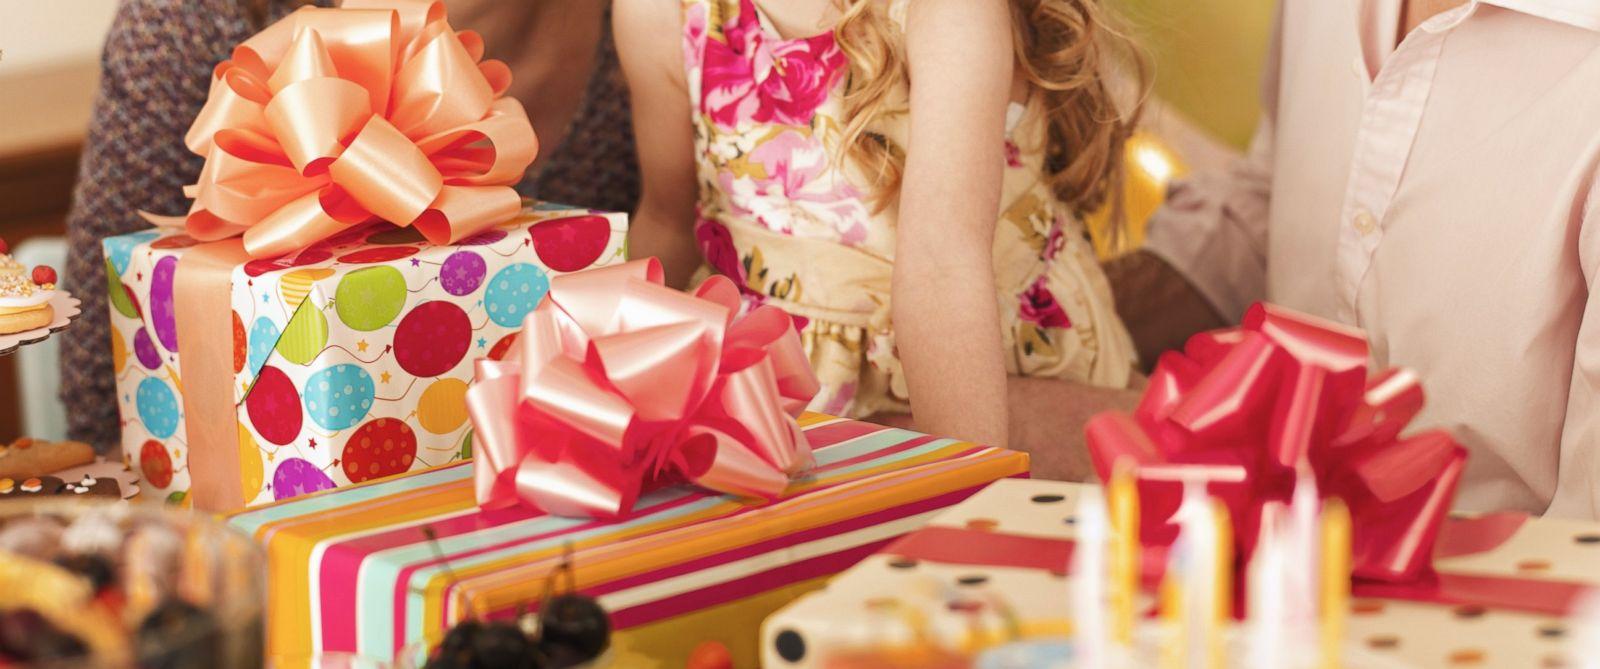 Подарки на день рождения дочери